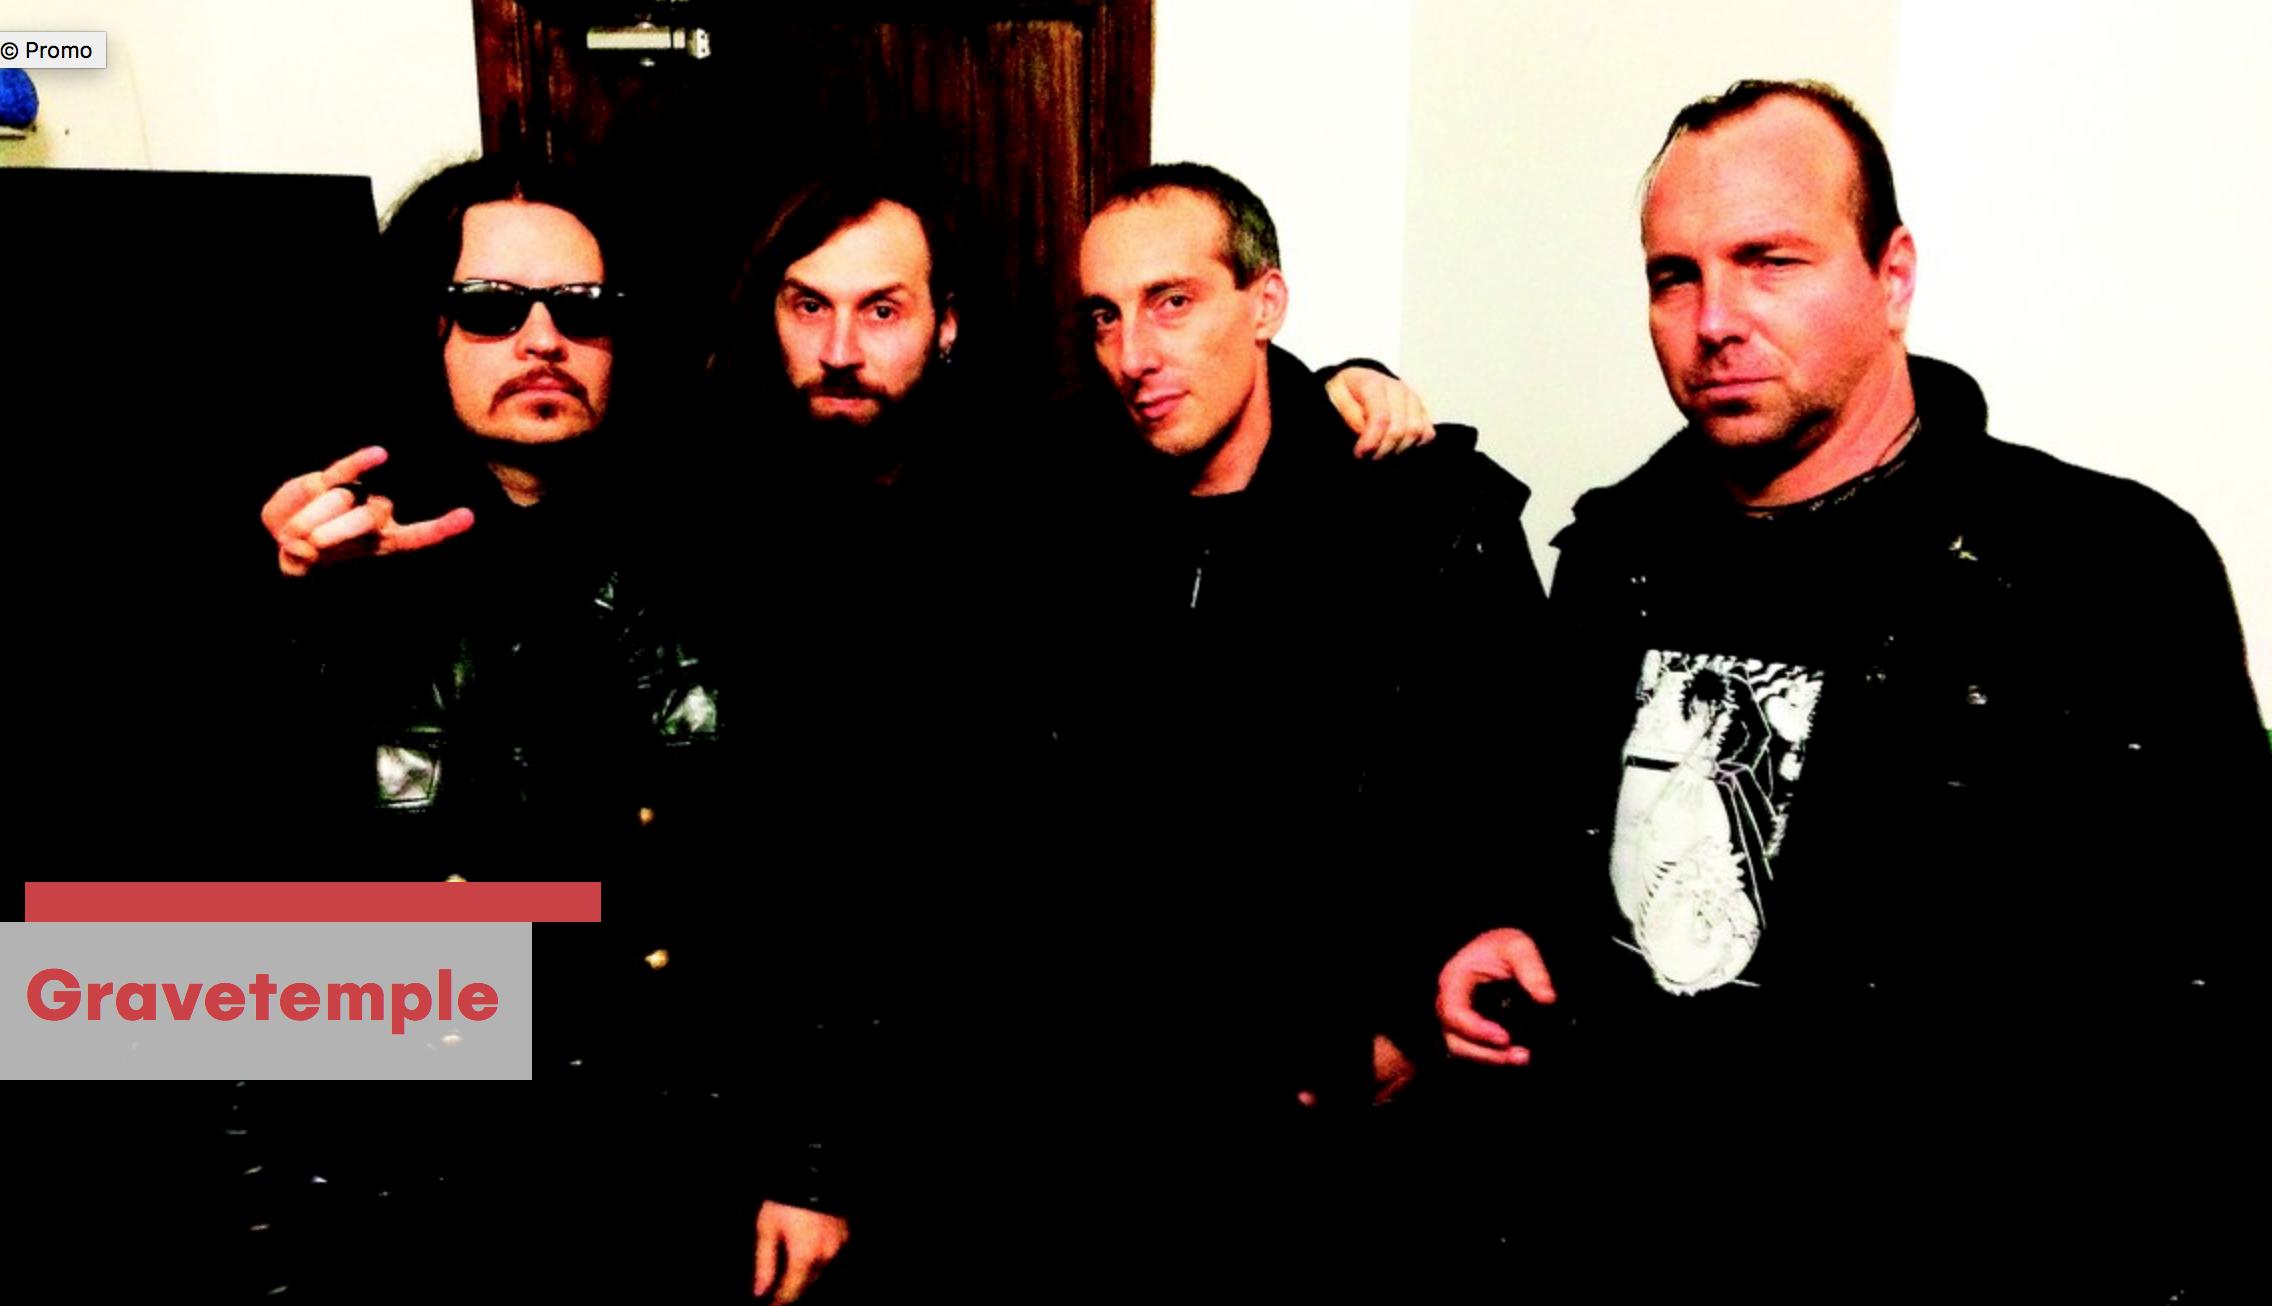 GRAVETEMPLE (Attila Csihar, Oren Ambarchi, Stephen O'Malley) @ Donaufestival